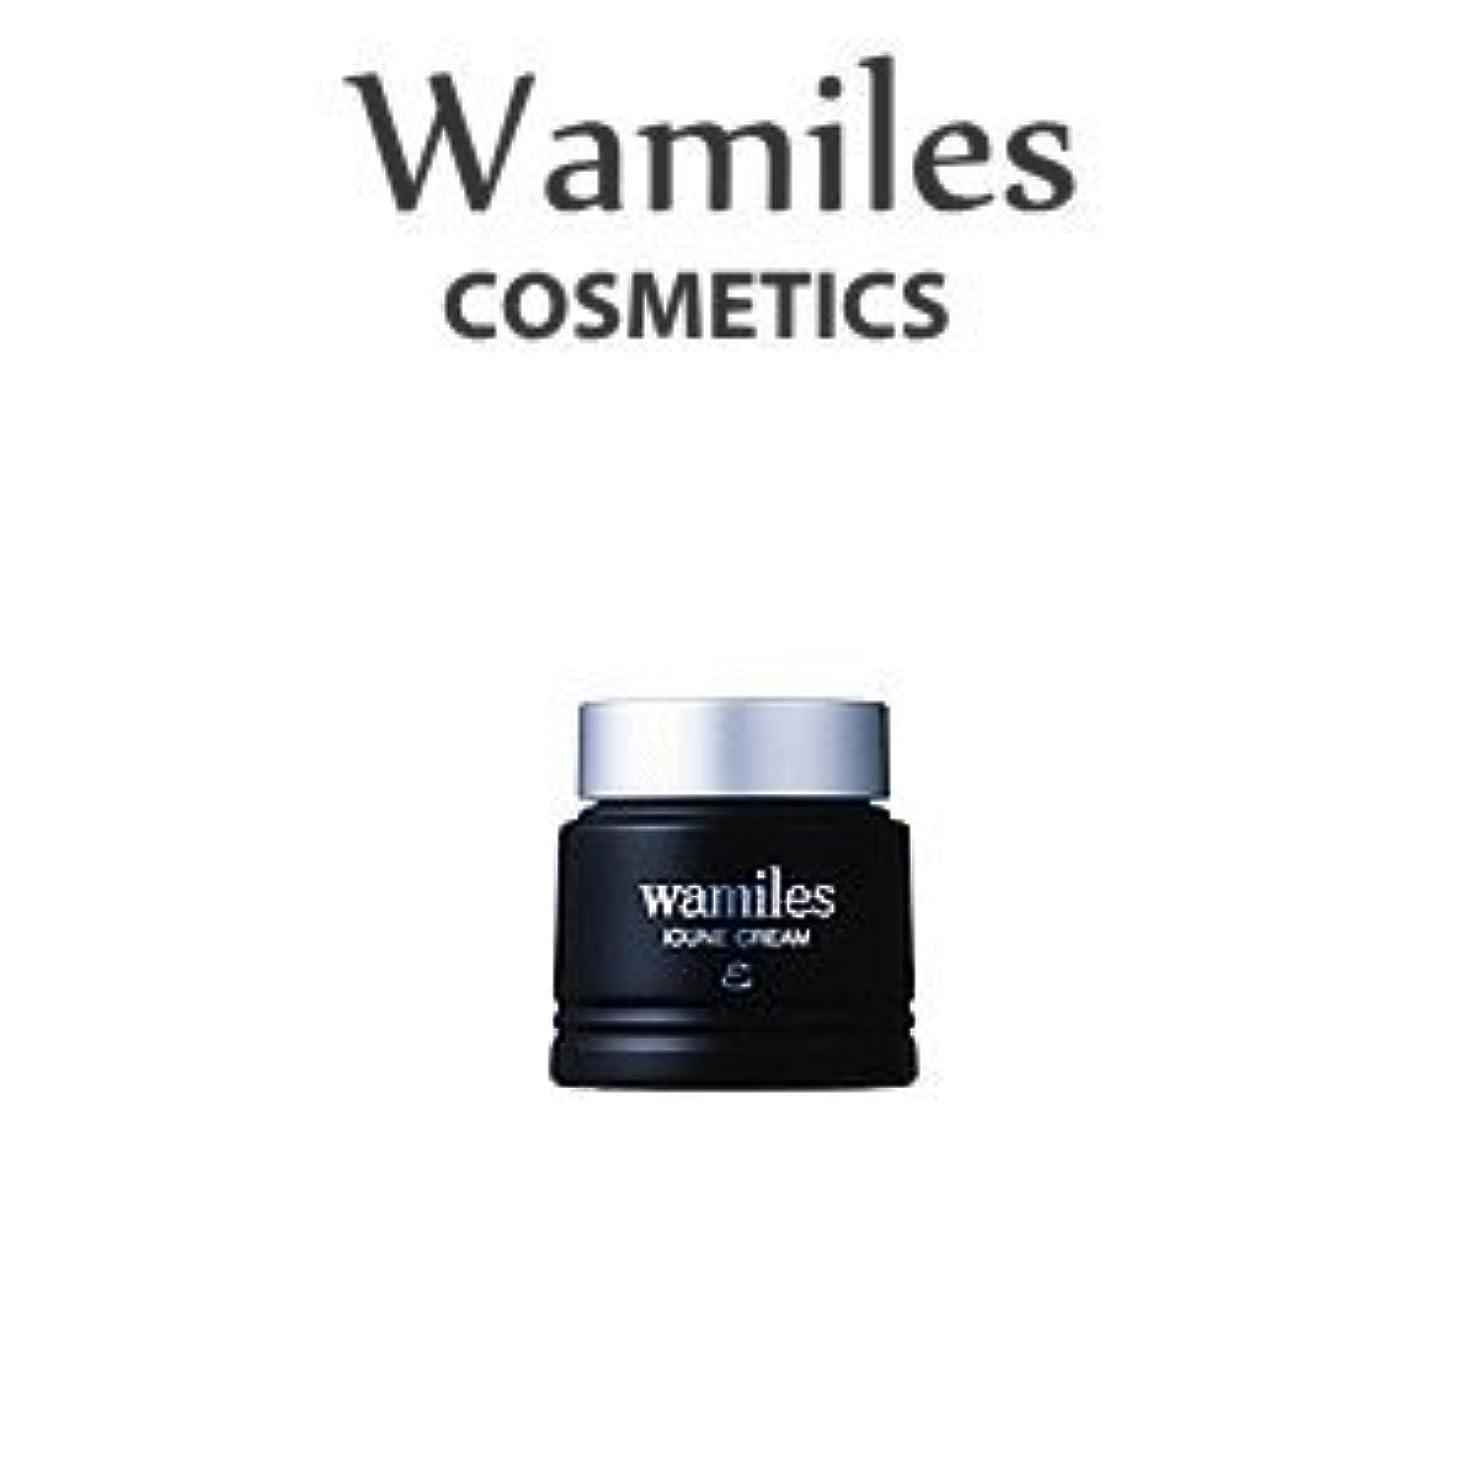 一定化合物会計士wamiles/ワミレス ベーシックライン イオンヌ クリーム 53g 美容 保湿